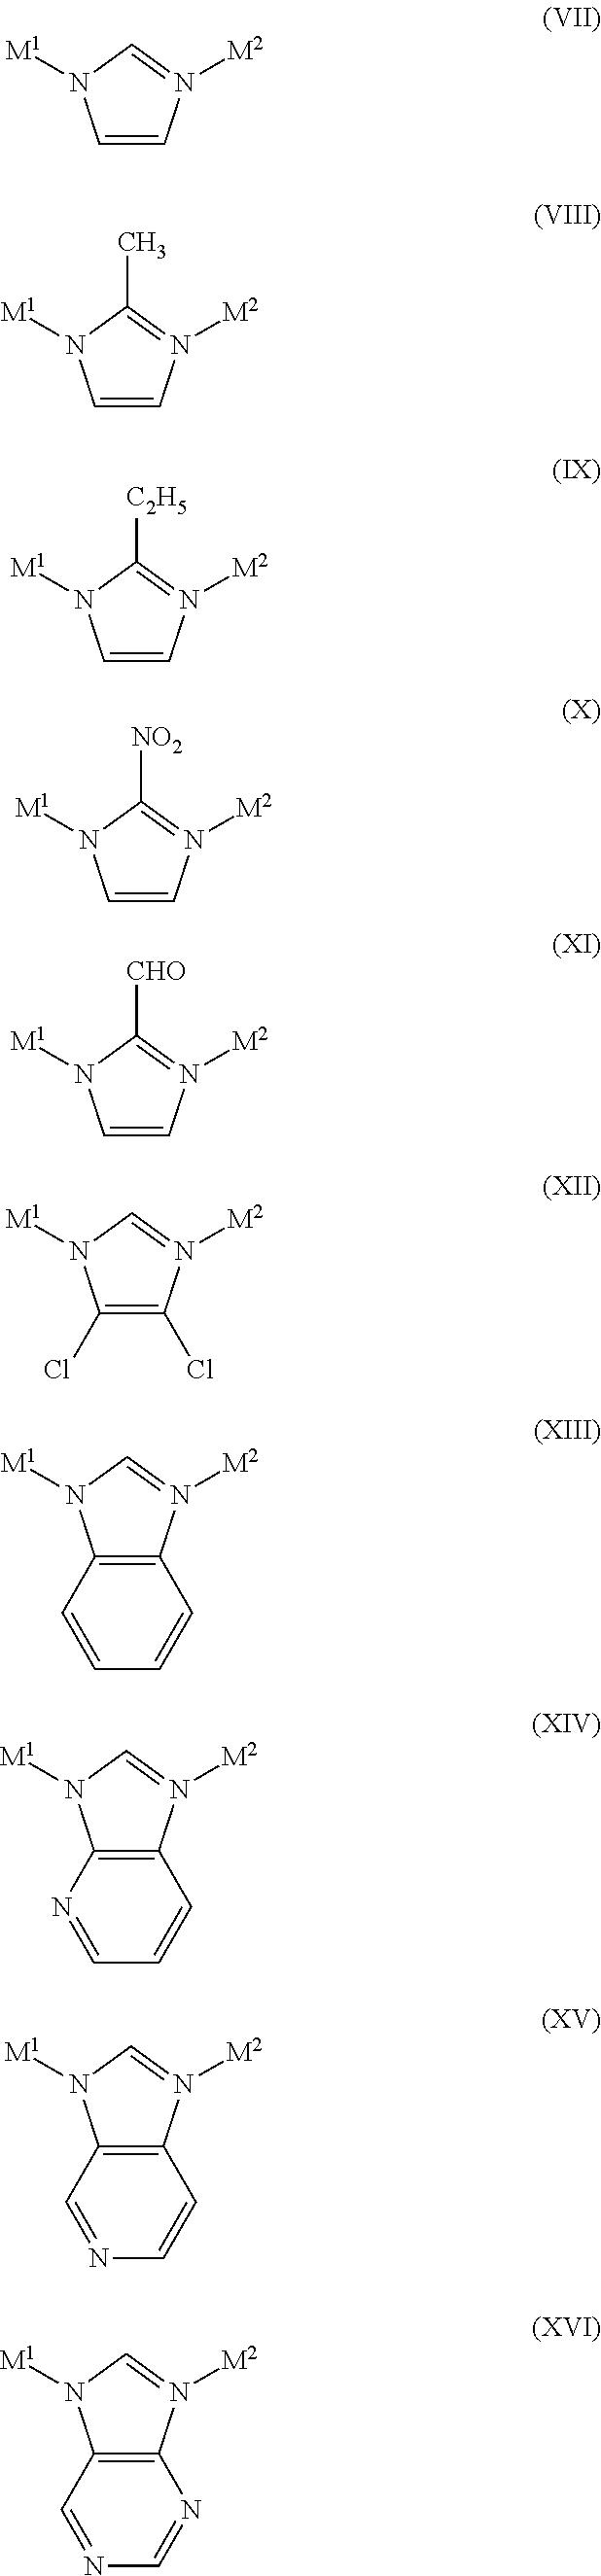 Figure US08920541-20141230-C00010